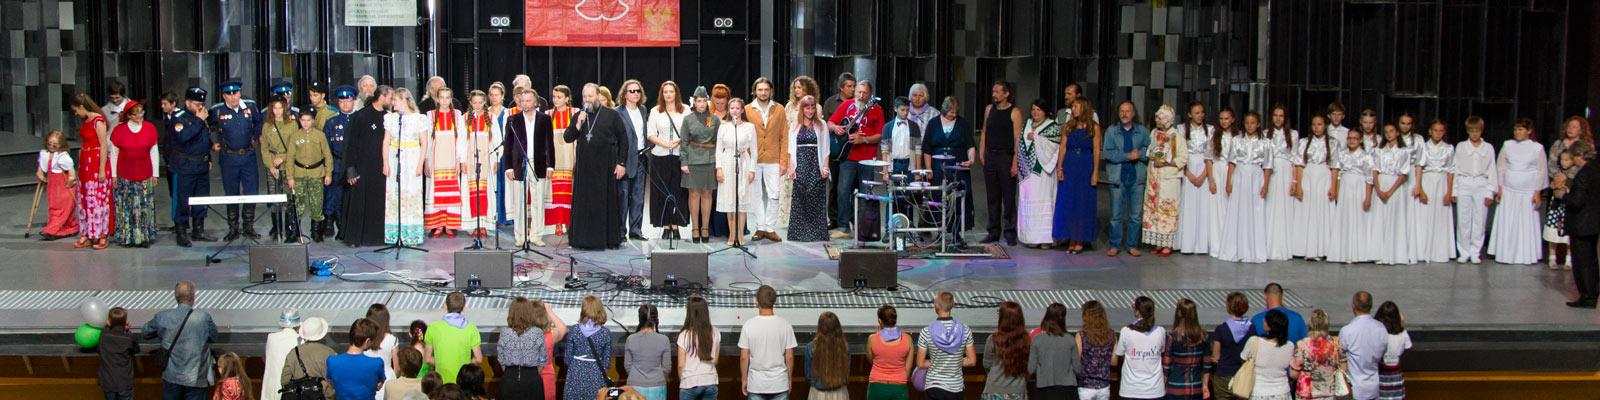 В Витебске с 31 июля по 4 августа пройдет международный фестиваль «Одигитрия»